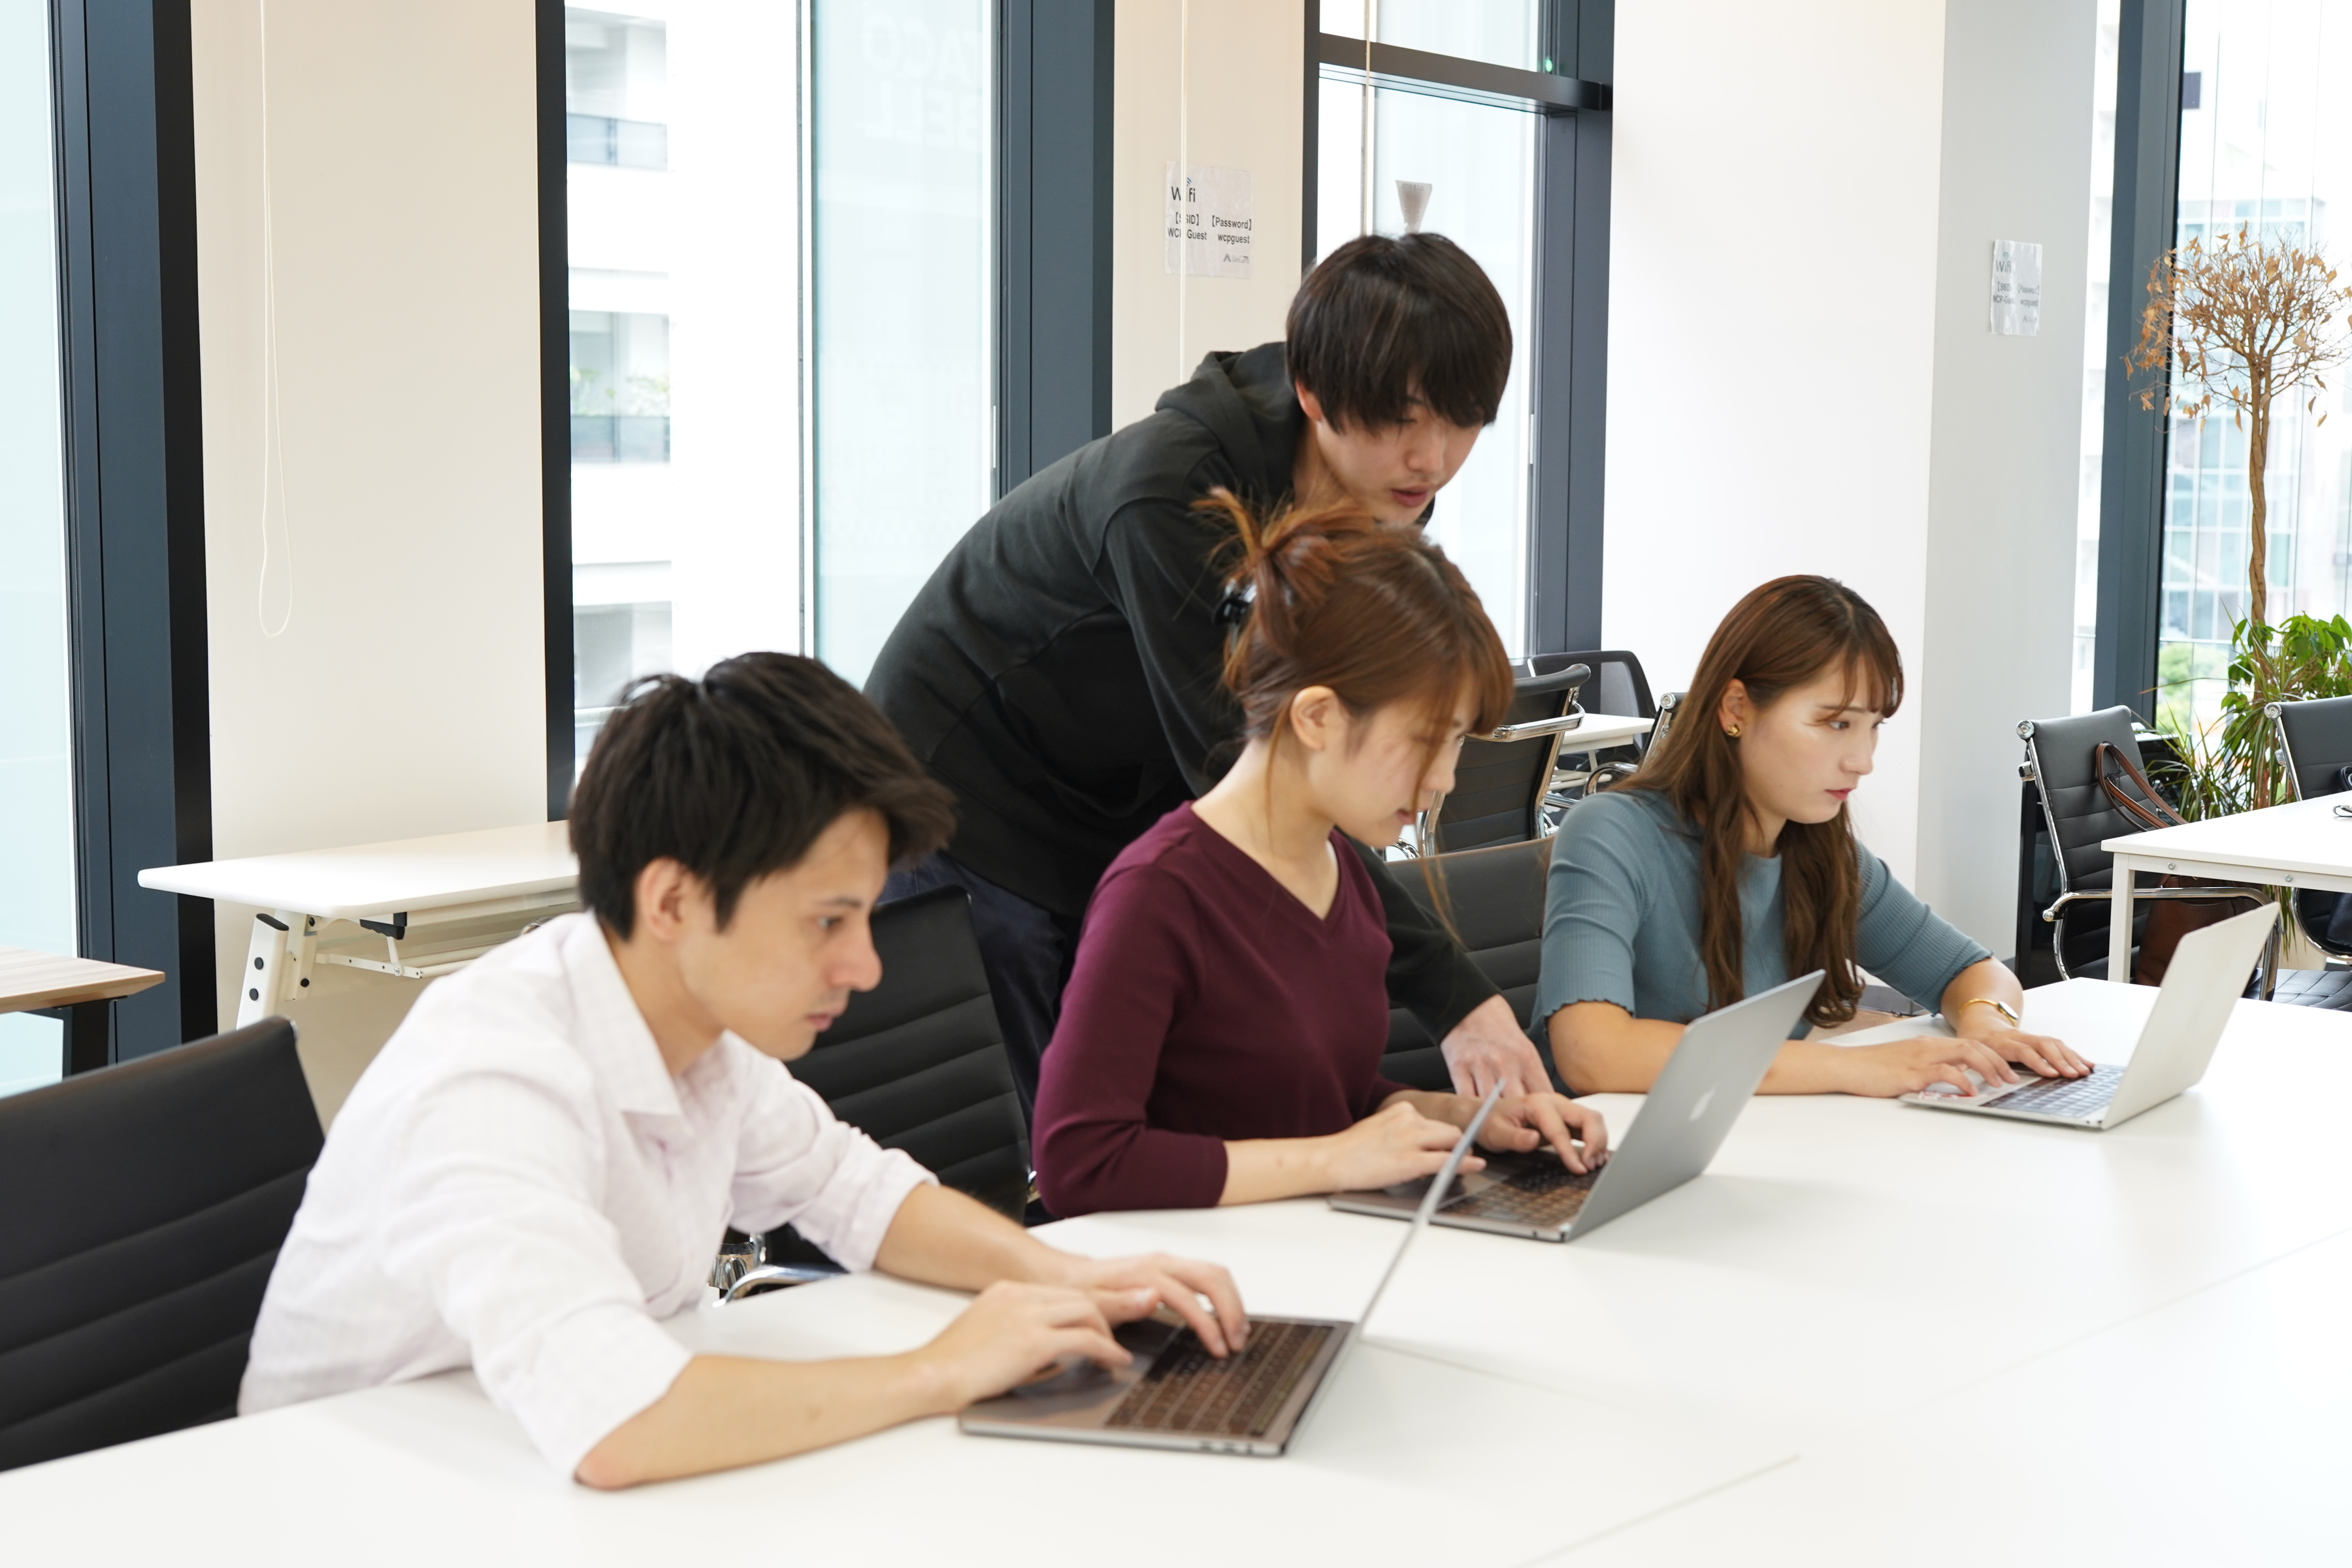 プログラミングスクール「DMM WEBCAMP」! ITエンジニアを育てるメンターをやってくださるフリーランスエンジニア募集!(東京)